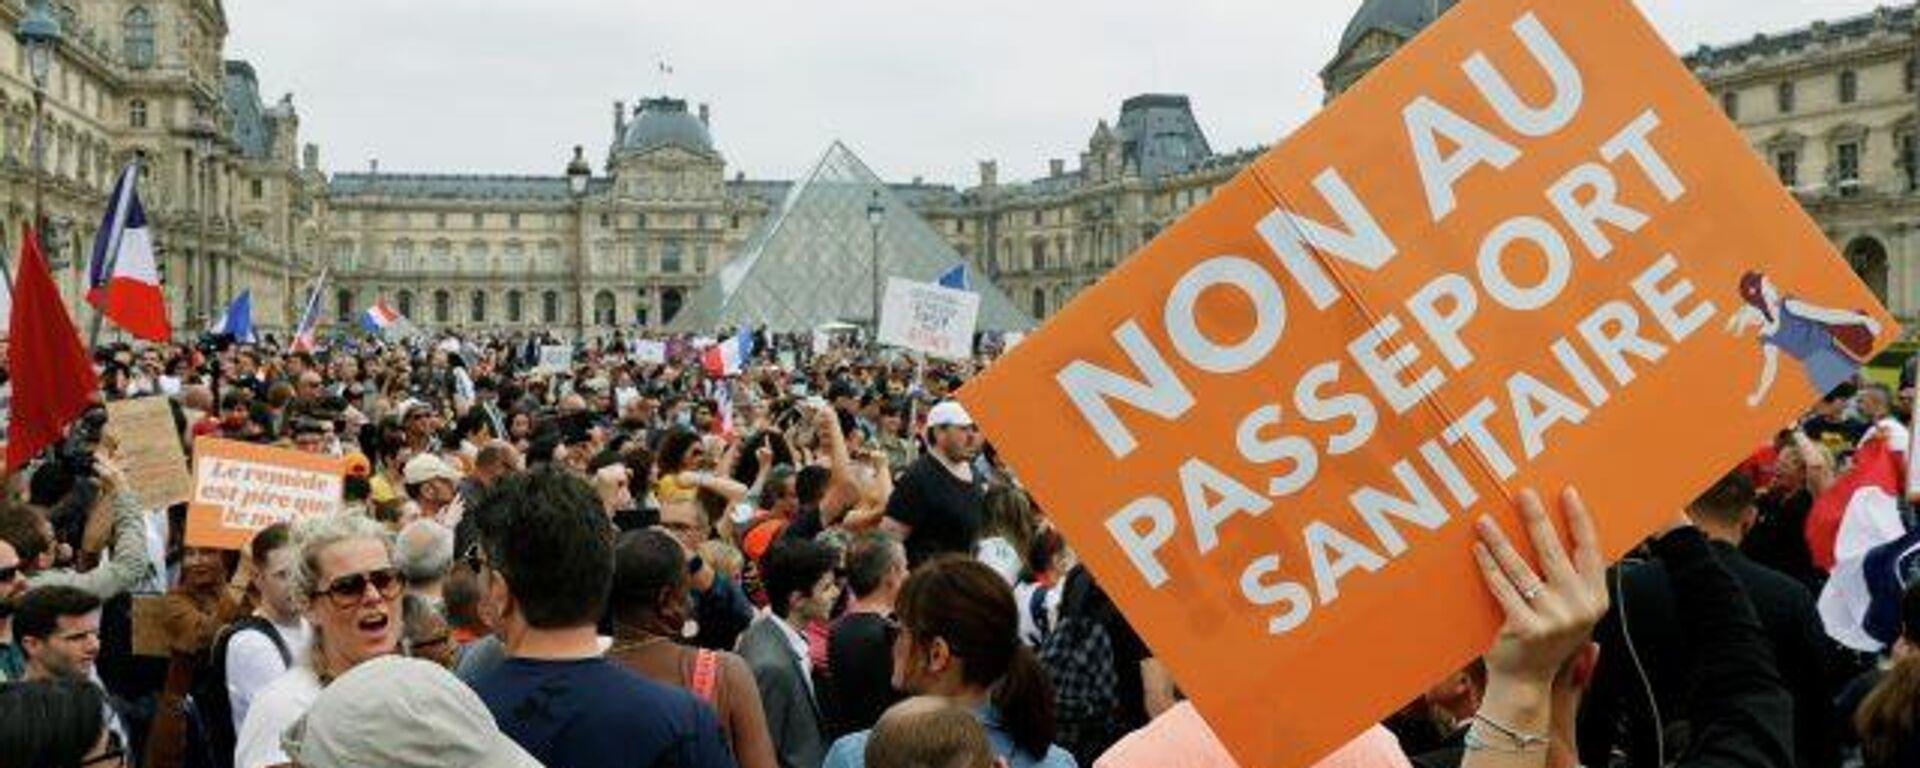 ¿Vacunación anti-COVID obligatoria? Los parisinos marchan en rechazo a los pases de salud - Sputnik Mundo, 1920, 31.07.2021